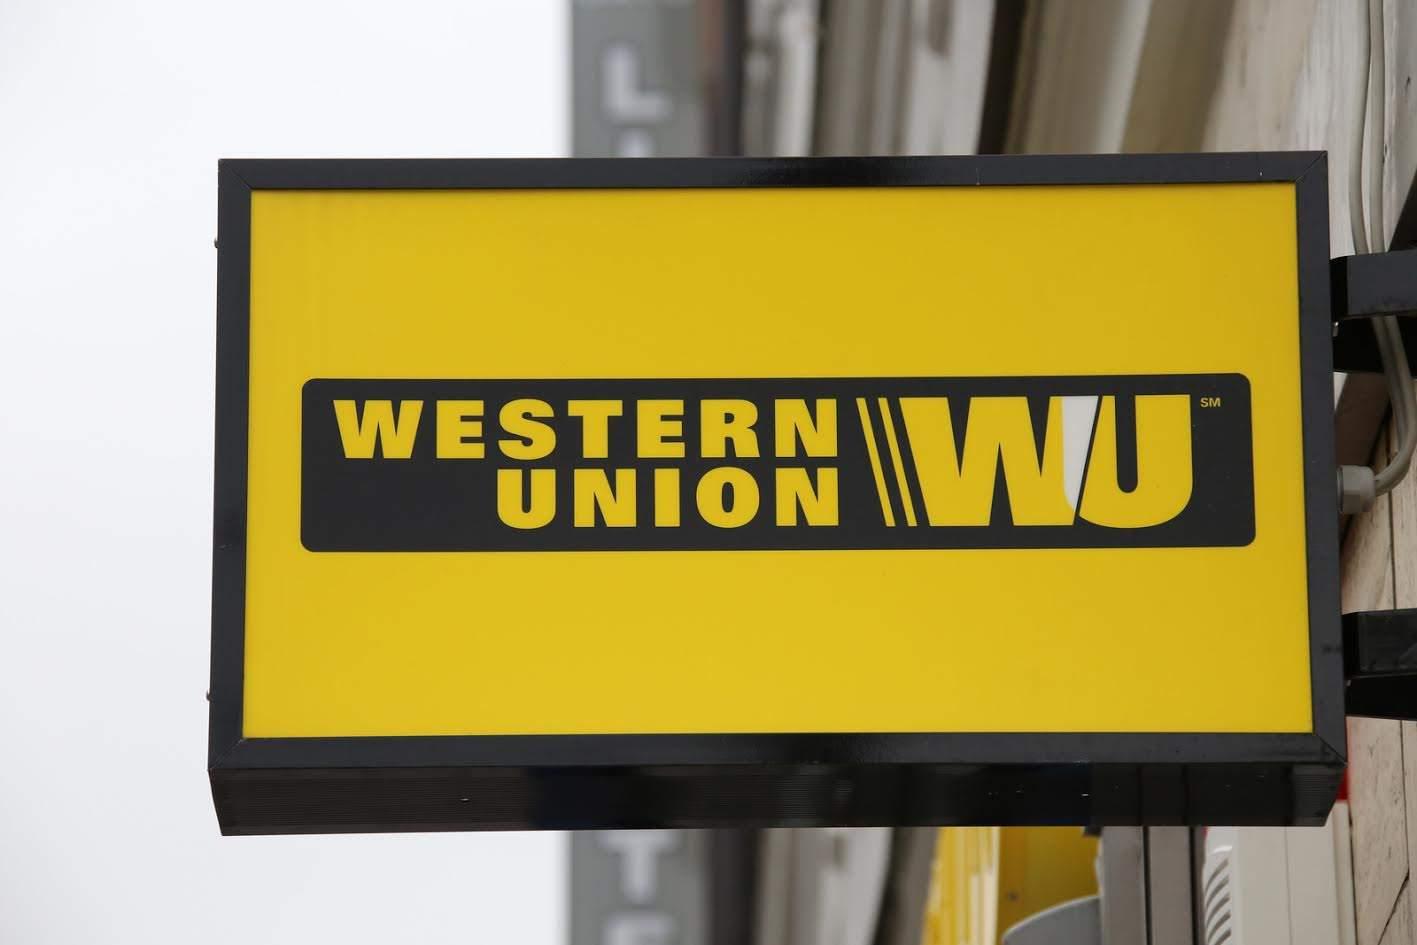 Western Union là dịch vụ chuyển tiền quốc tế phổ biến trên thế giới